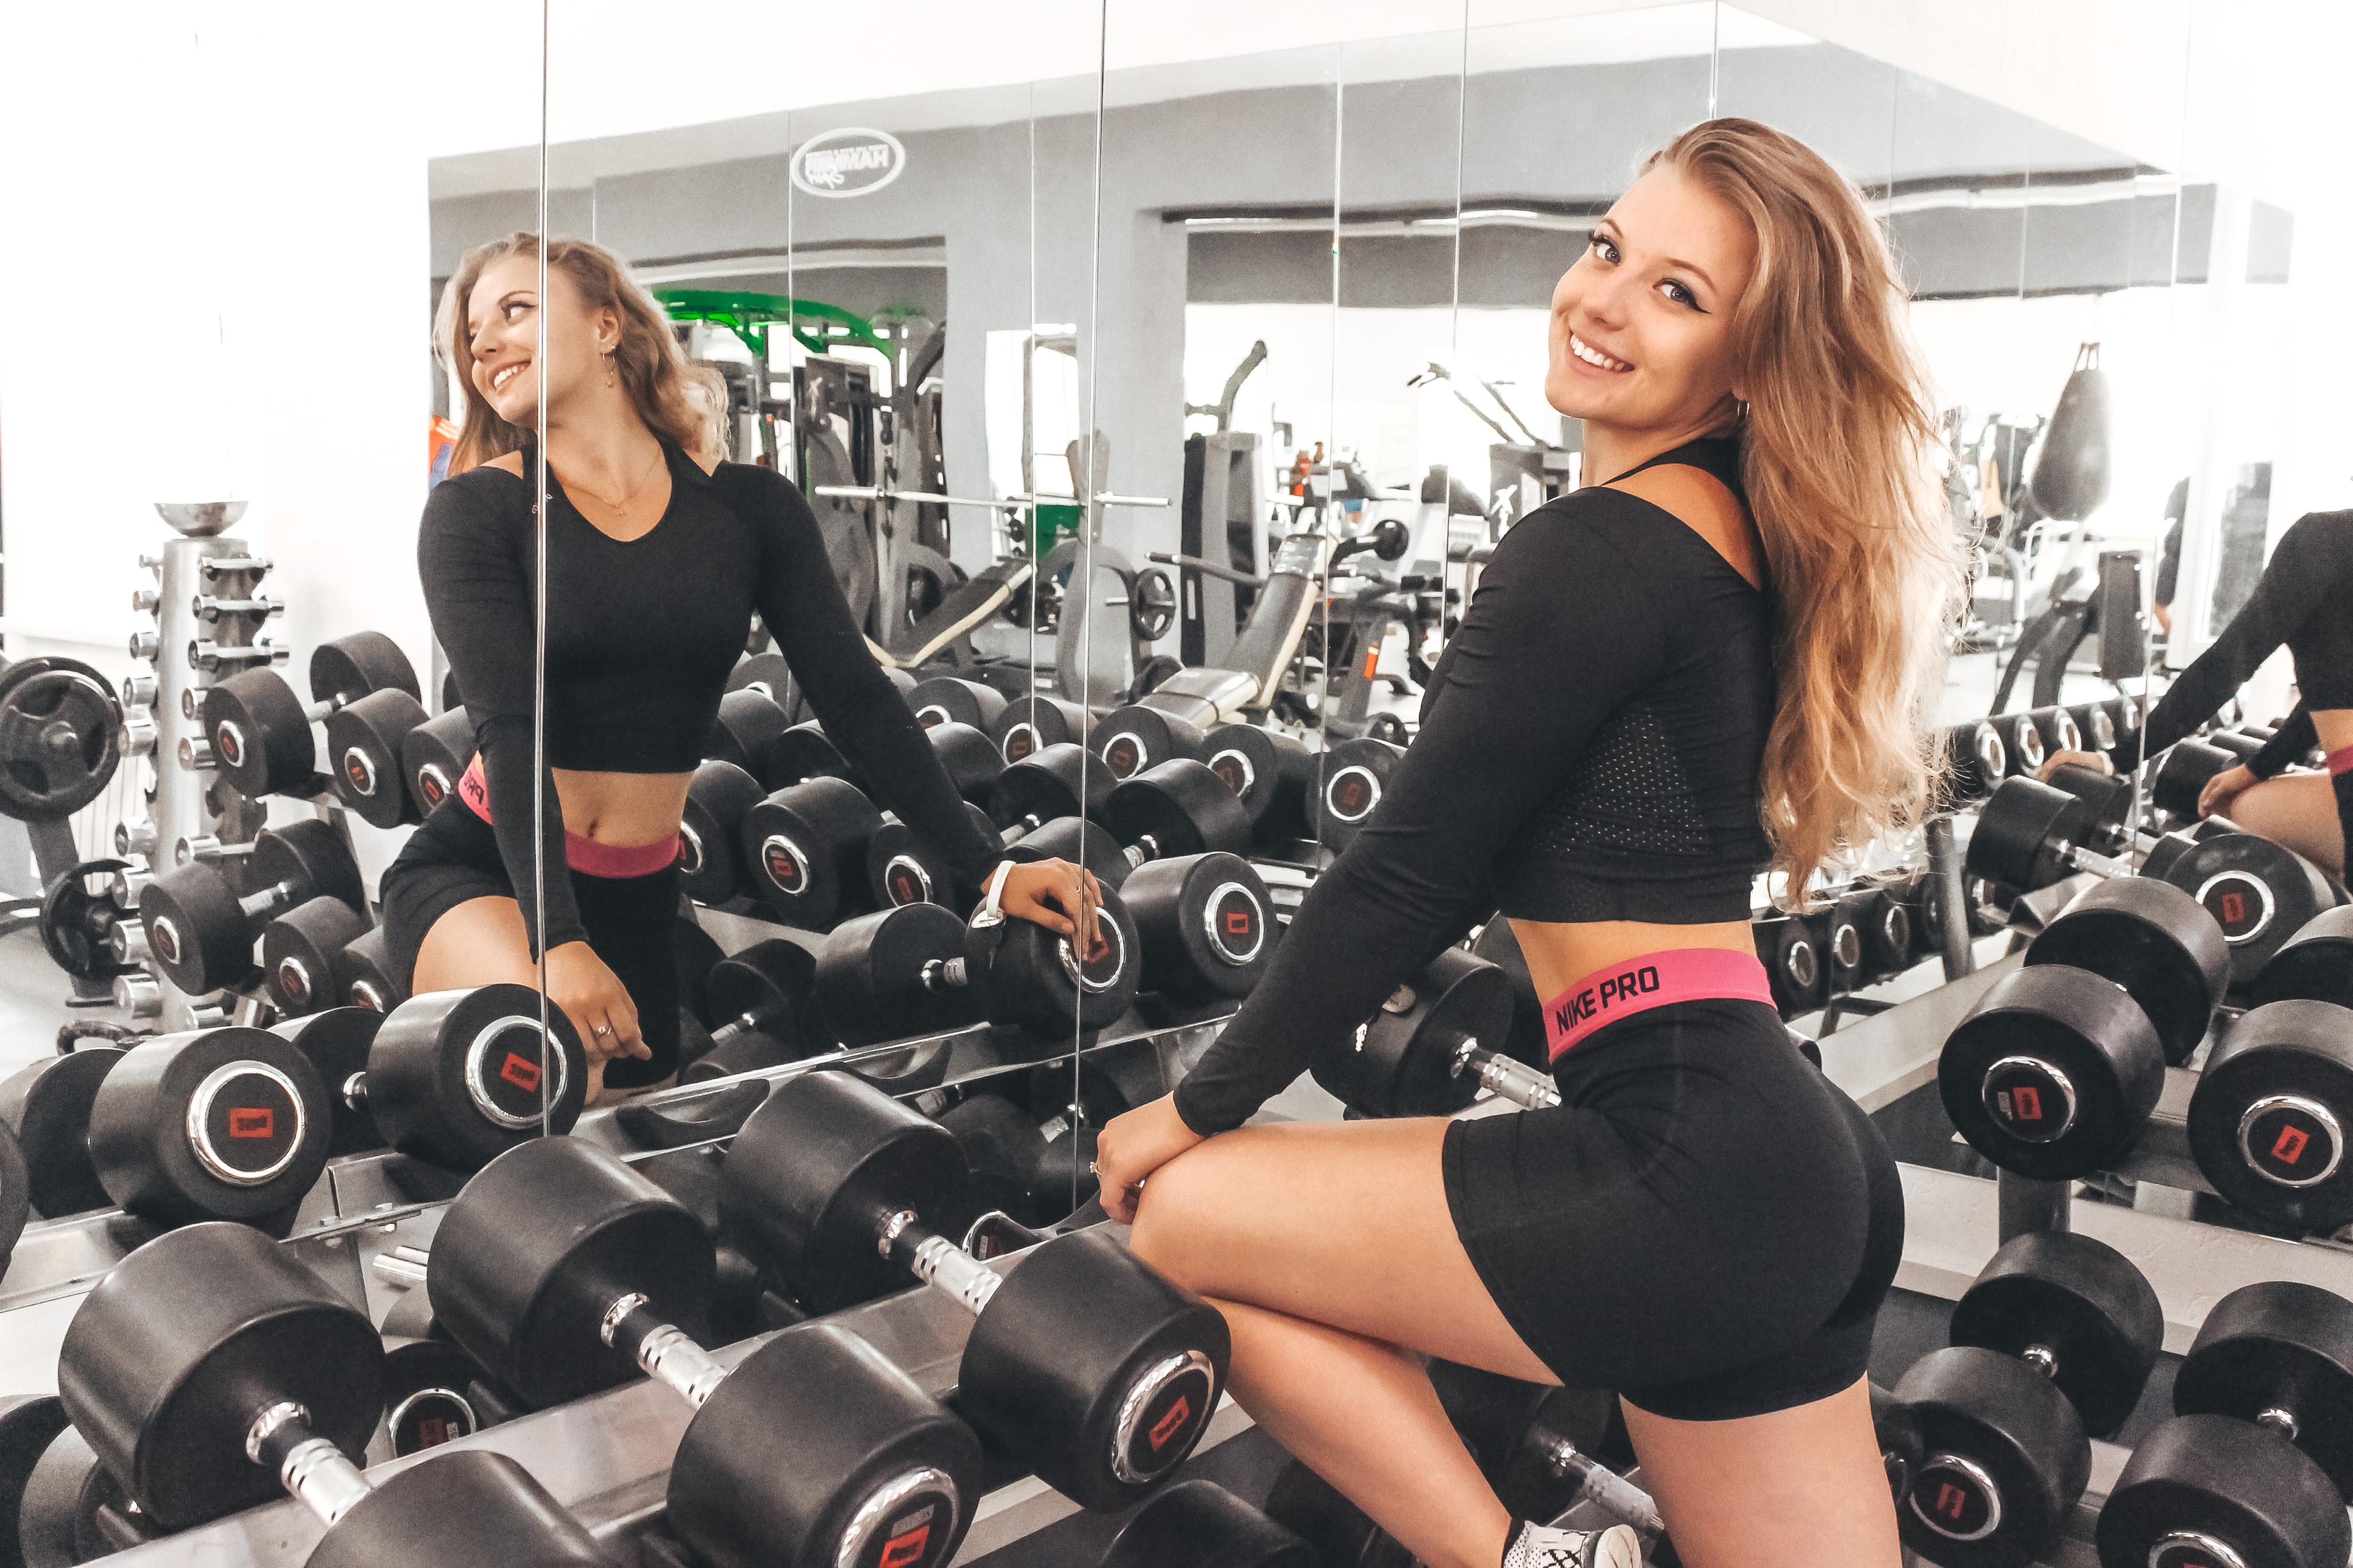 Турбо экспресс для похудения отзывы